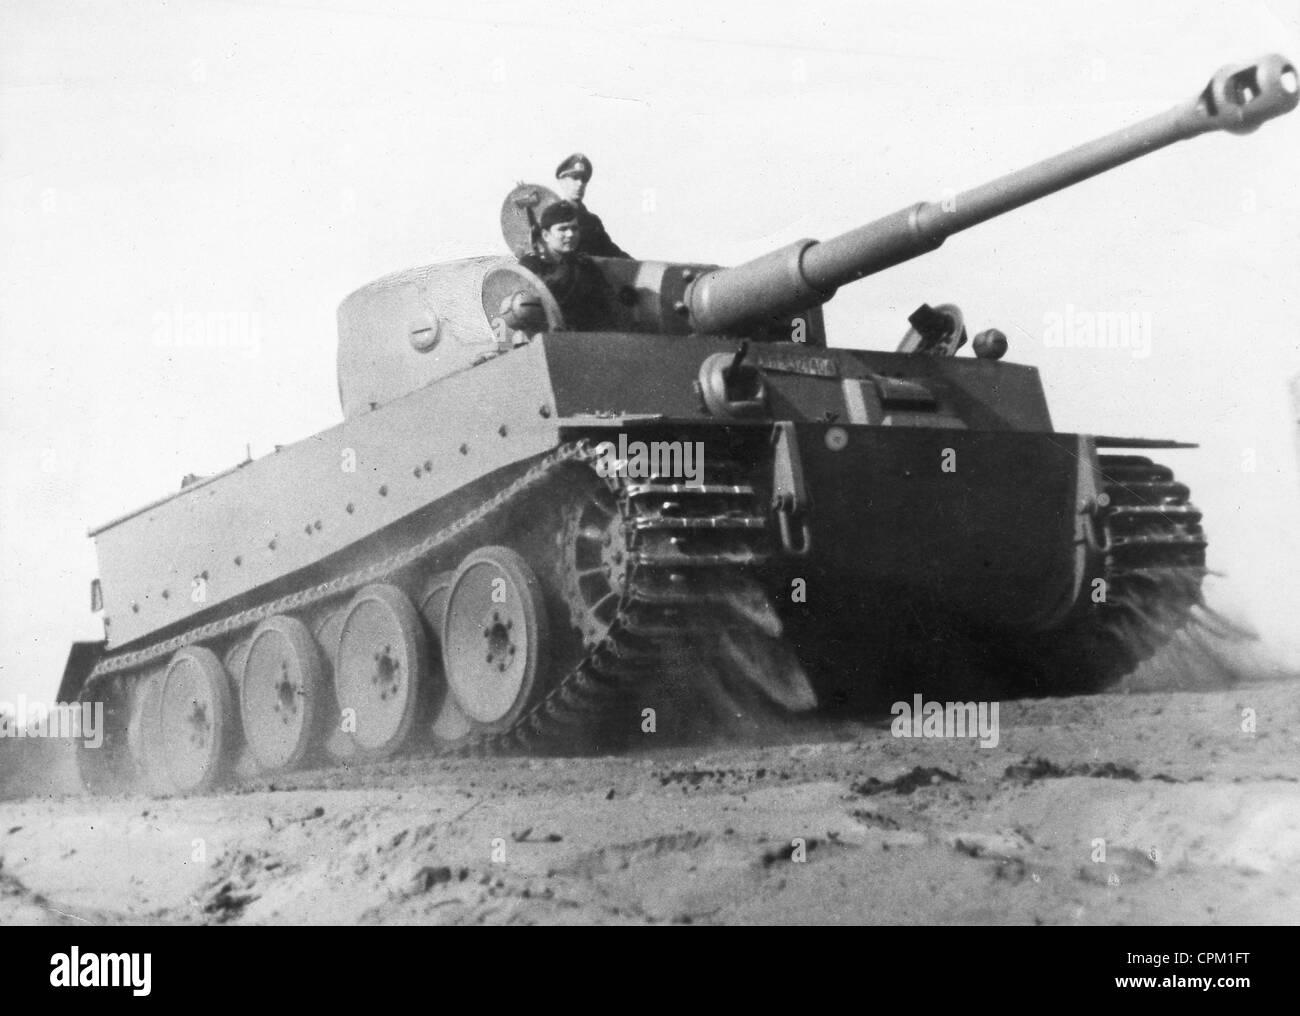 Deutsche Panzer Vi Tiger Panzer 1943 Stockfoto Bild 48383436 Alamy